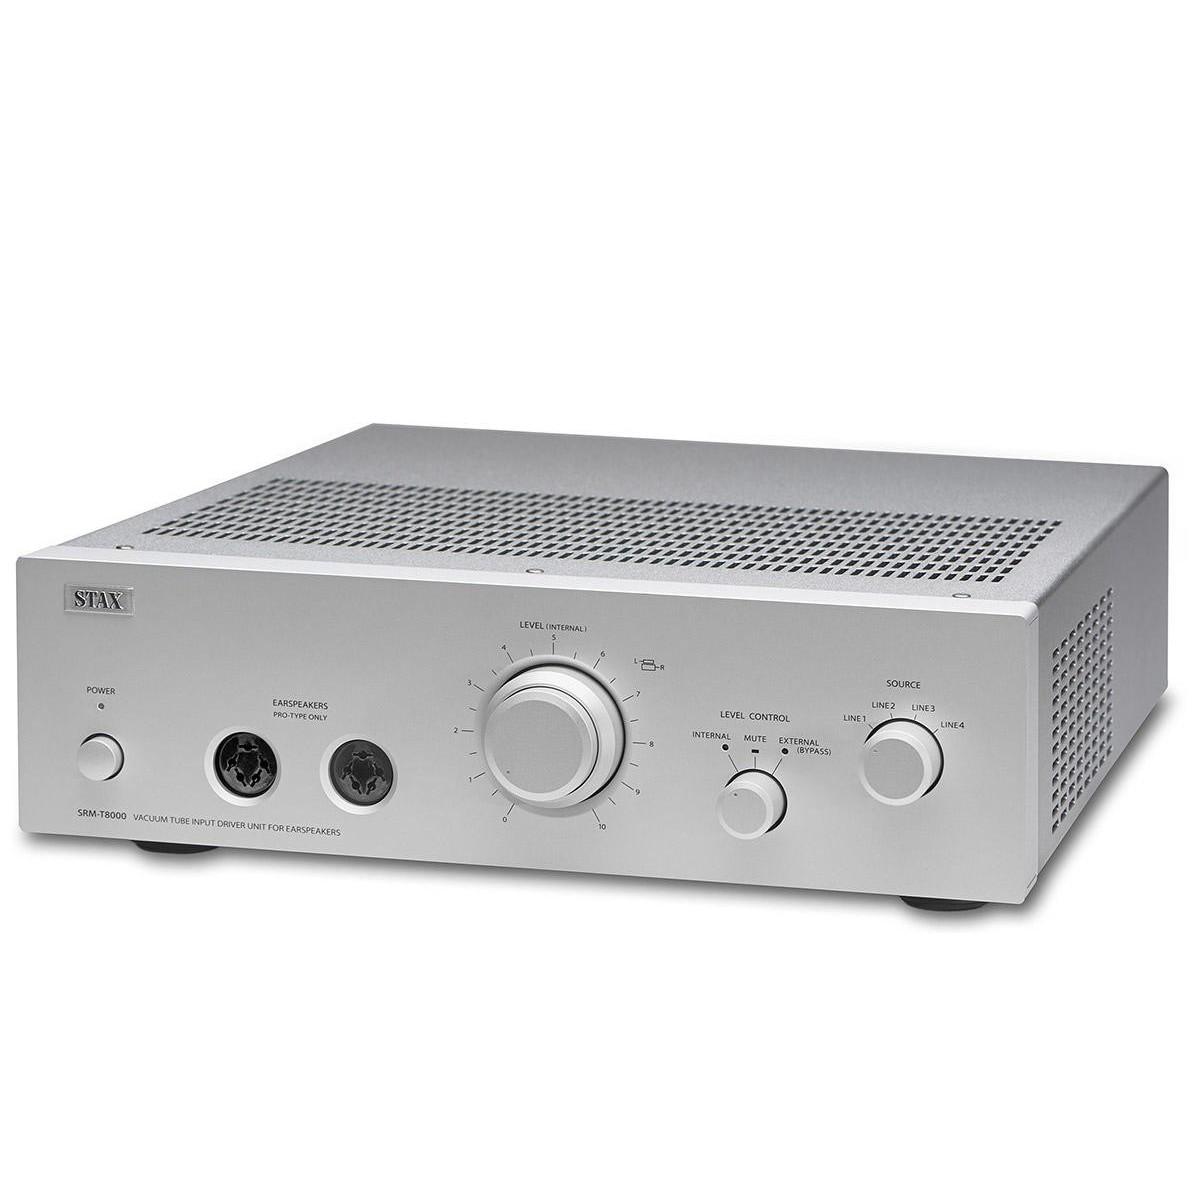 Kopfhörerverstärker SRM-T8000